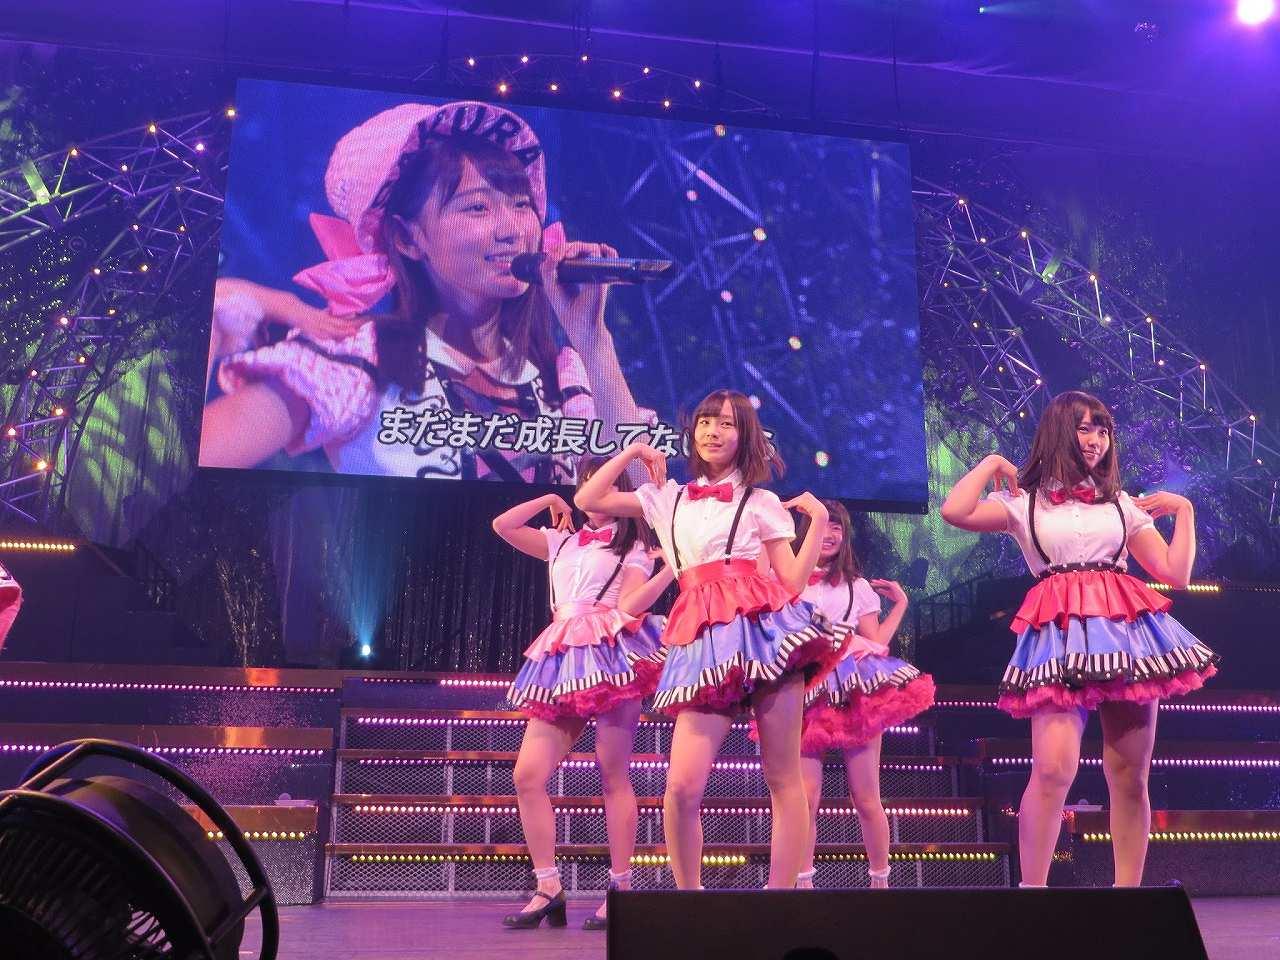 サスペンダー衣装を着たHKT48・山内祐奈の着衣巨乳